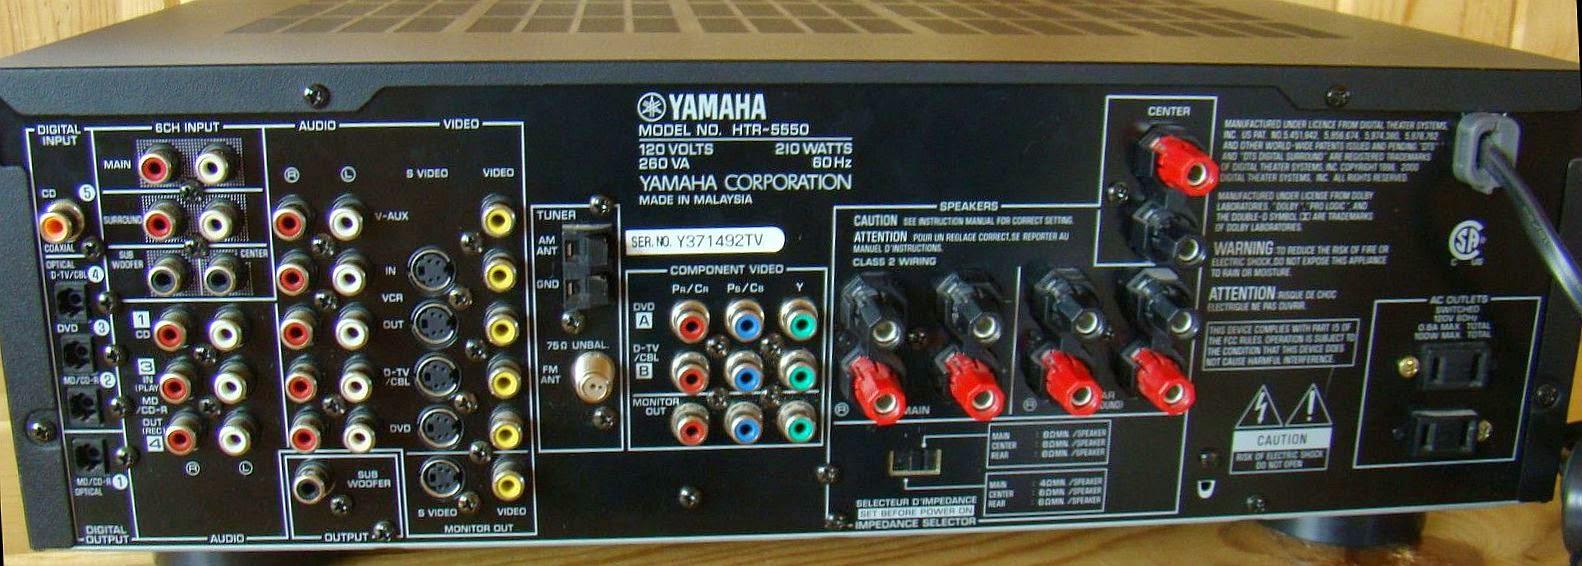 yamaha htr 5550 av receiver audiobaza rh audiobaza blogspot com yamaha htr 5560 manual yamaha htr 5560 manual